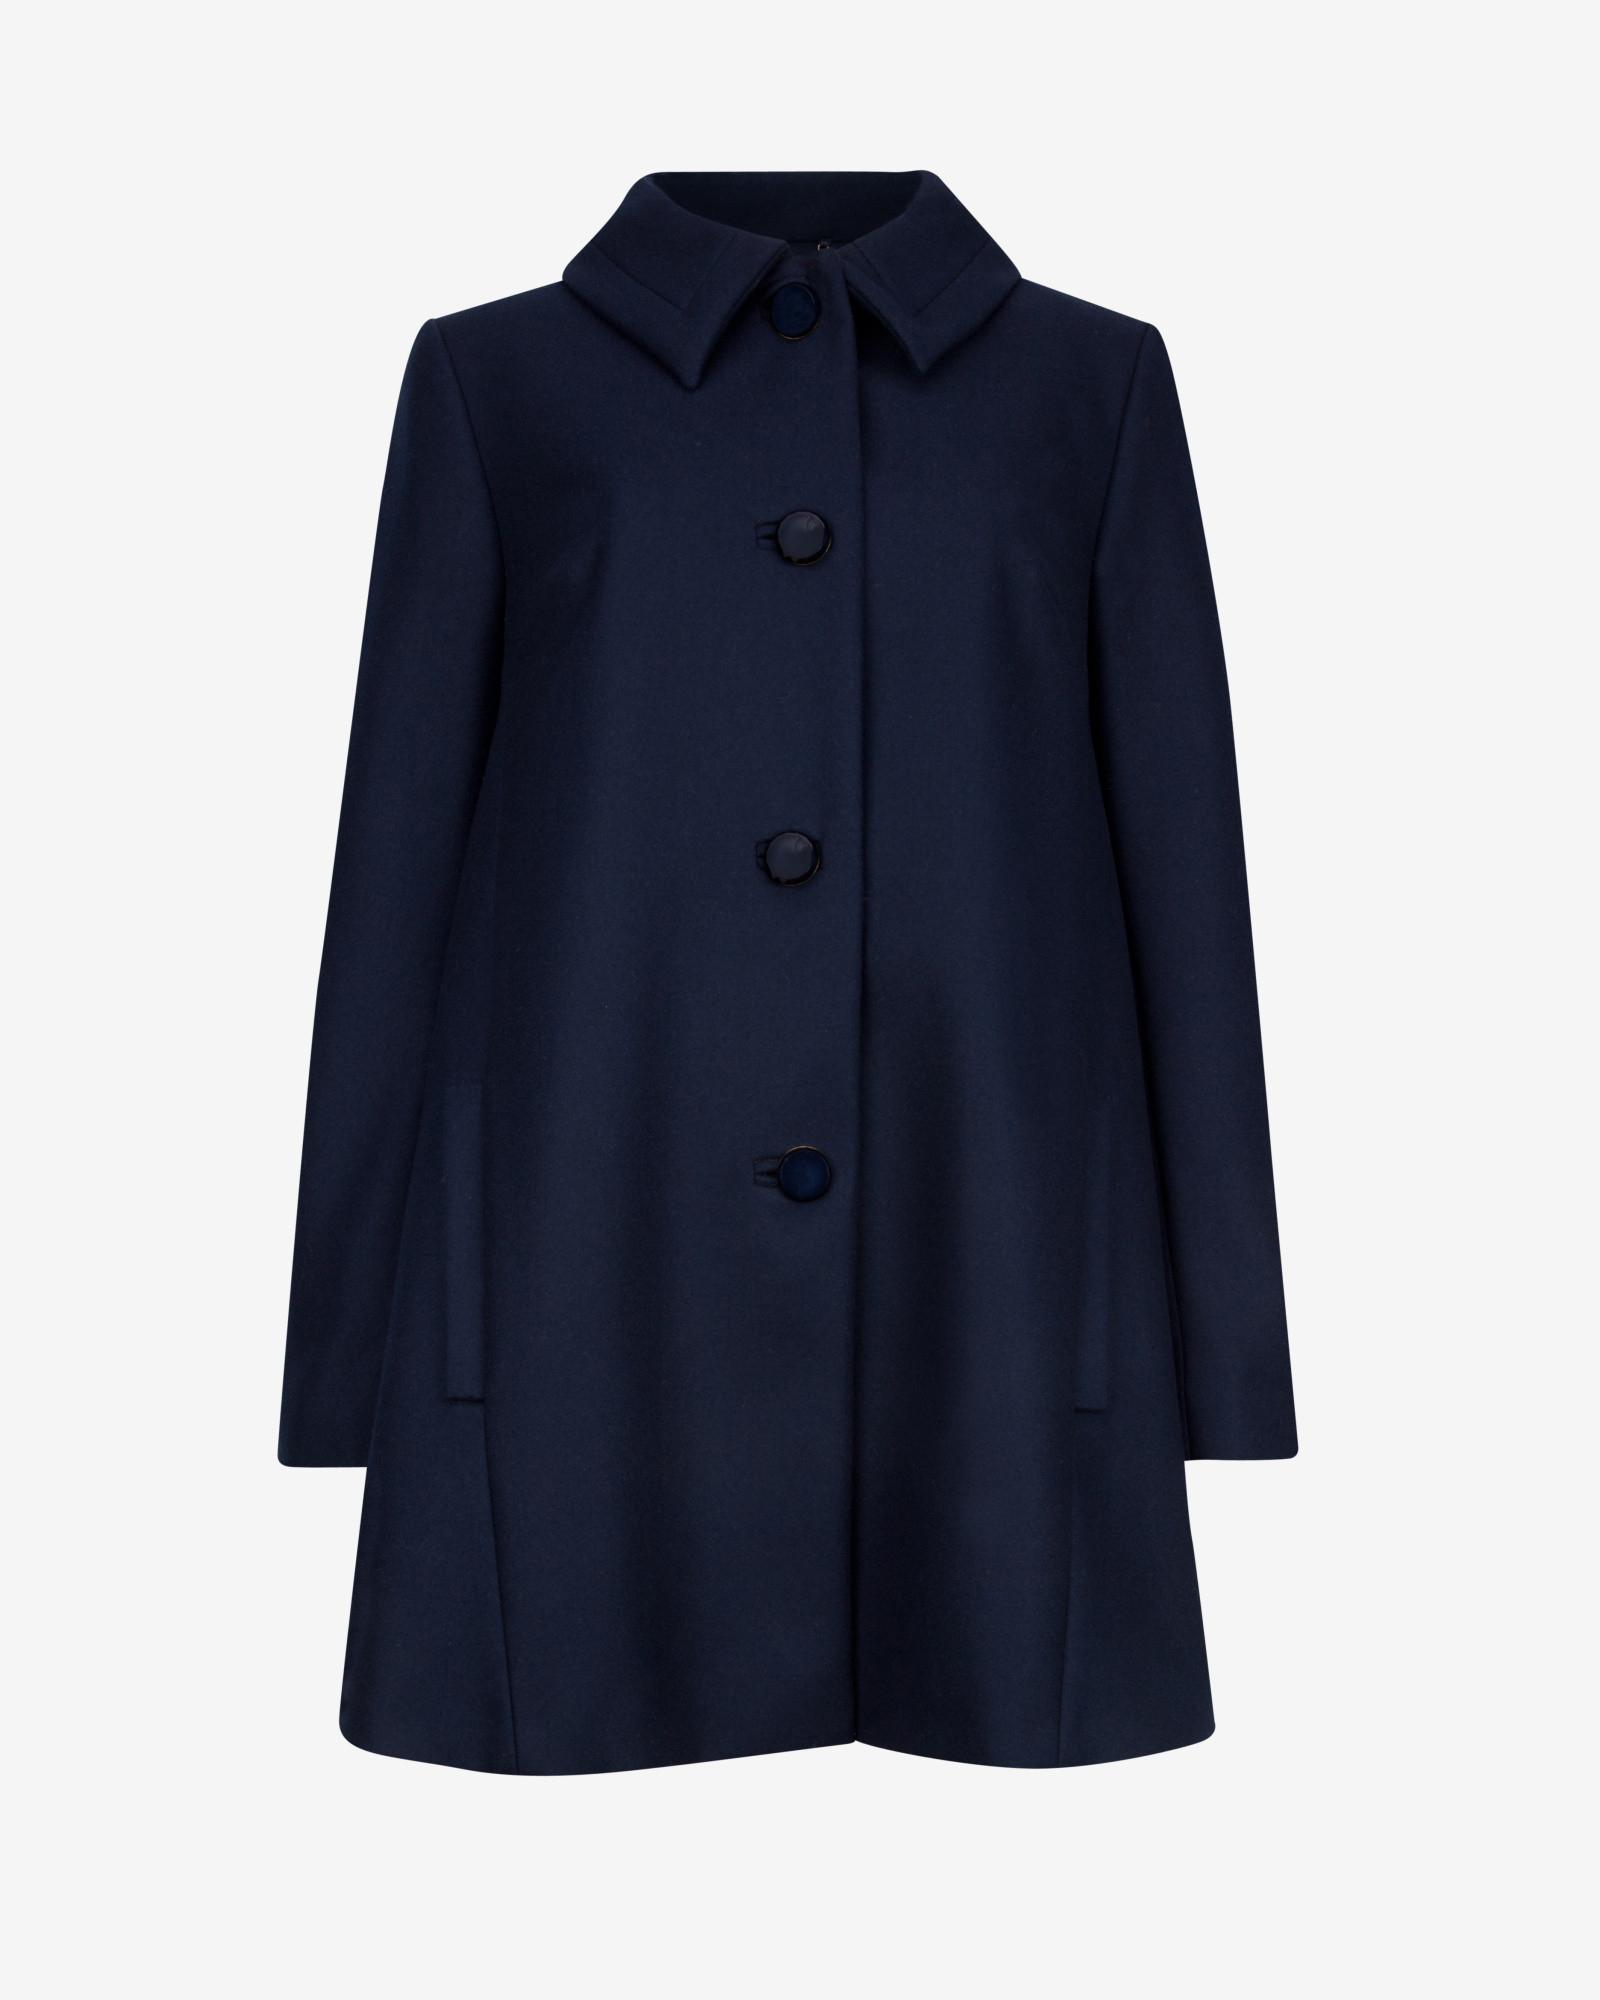 Ted baker Wool Swing Coat in Blue | Lyst